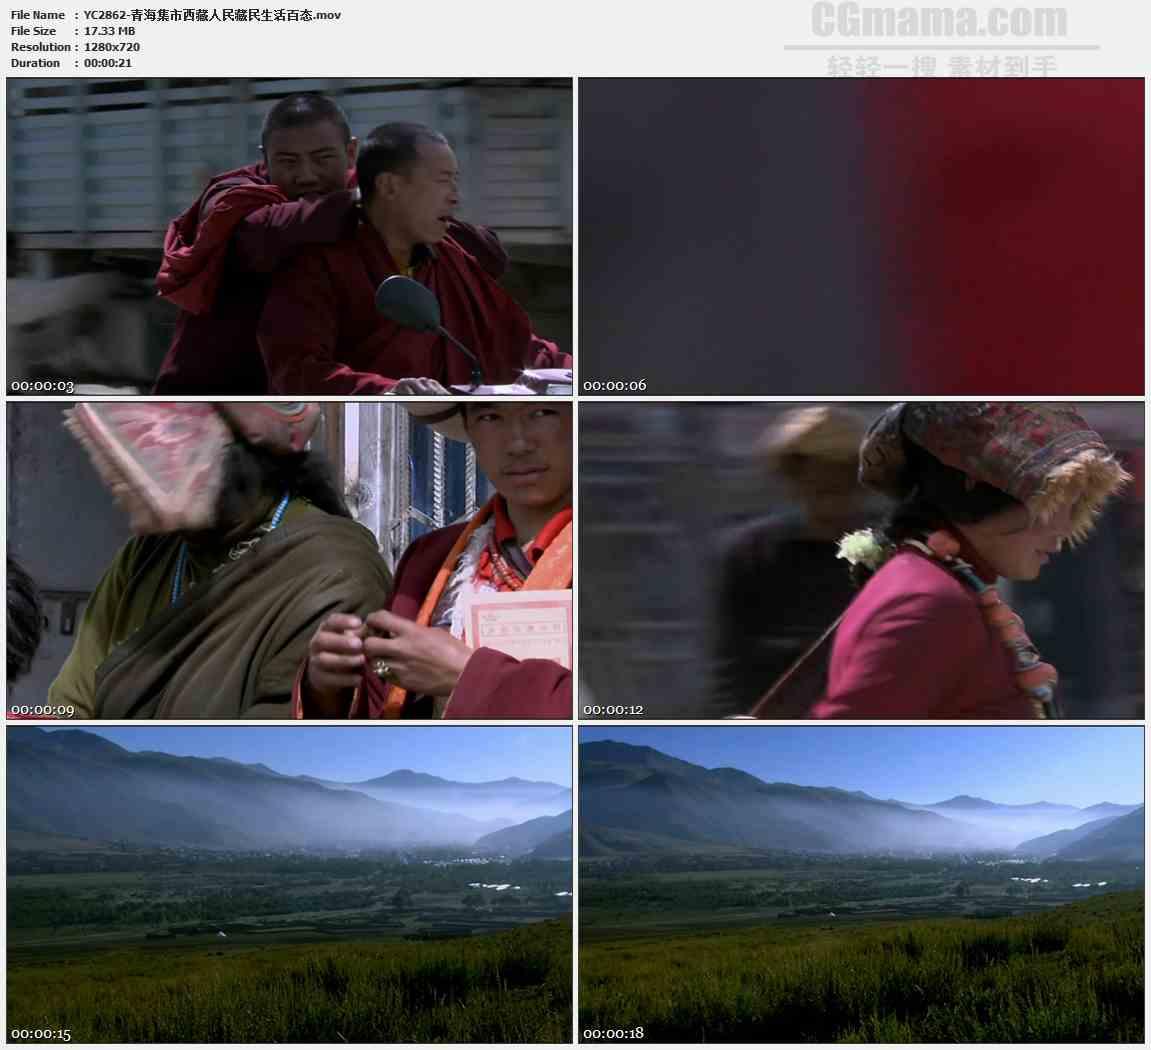 YC2862-青海集市西藏人民藏民生活百态高清实拍视频素材